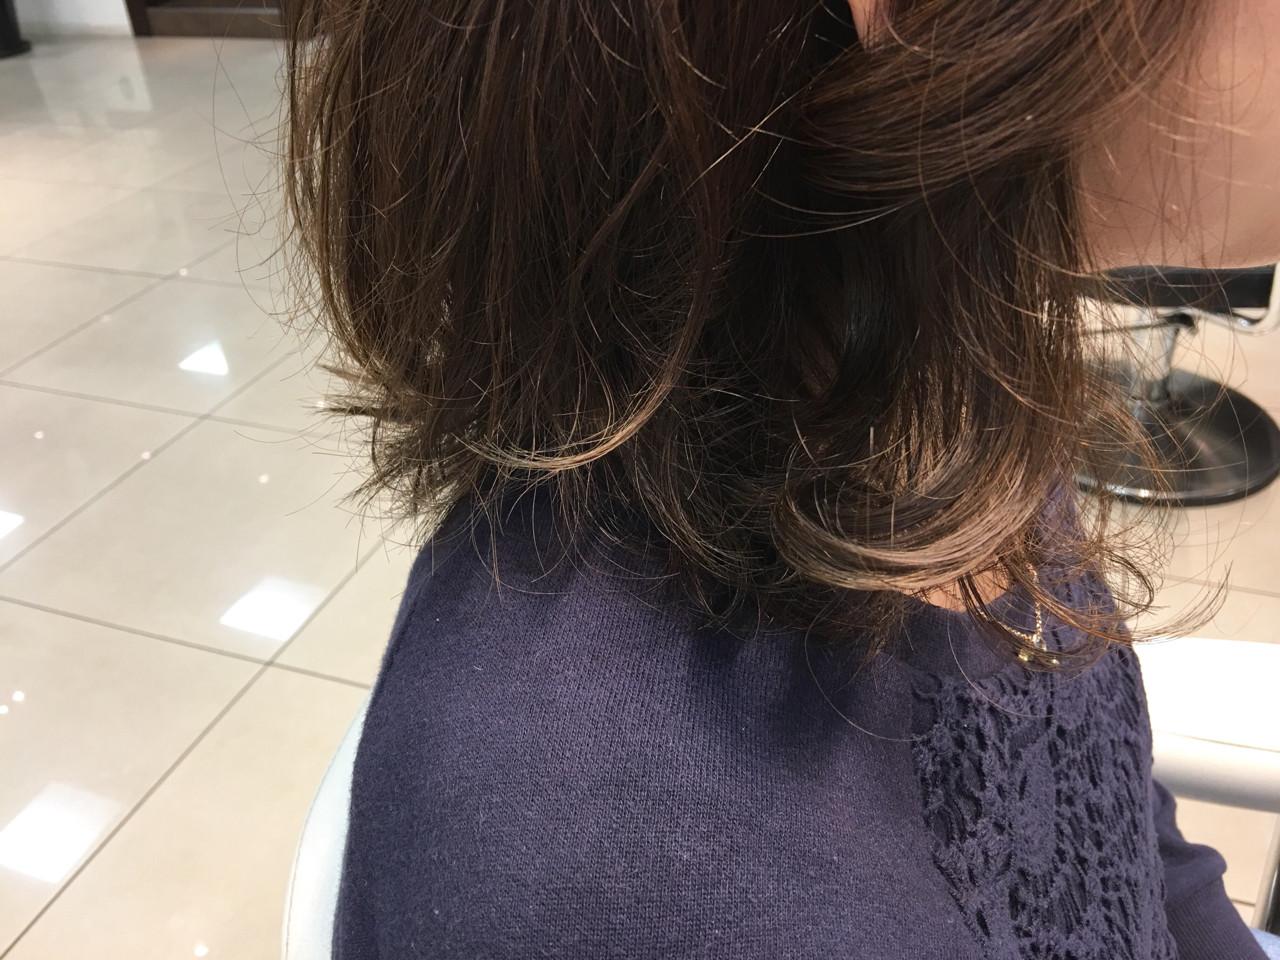 ゆるふわ ストリート 外国人風 グラデーションカラー ヘアスタイルや髪型の写真・画像 | KENJE南林間 二宮早智子 / ケンジ(KENJE)南林間